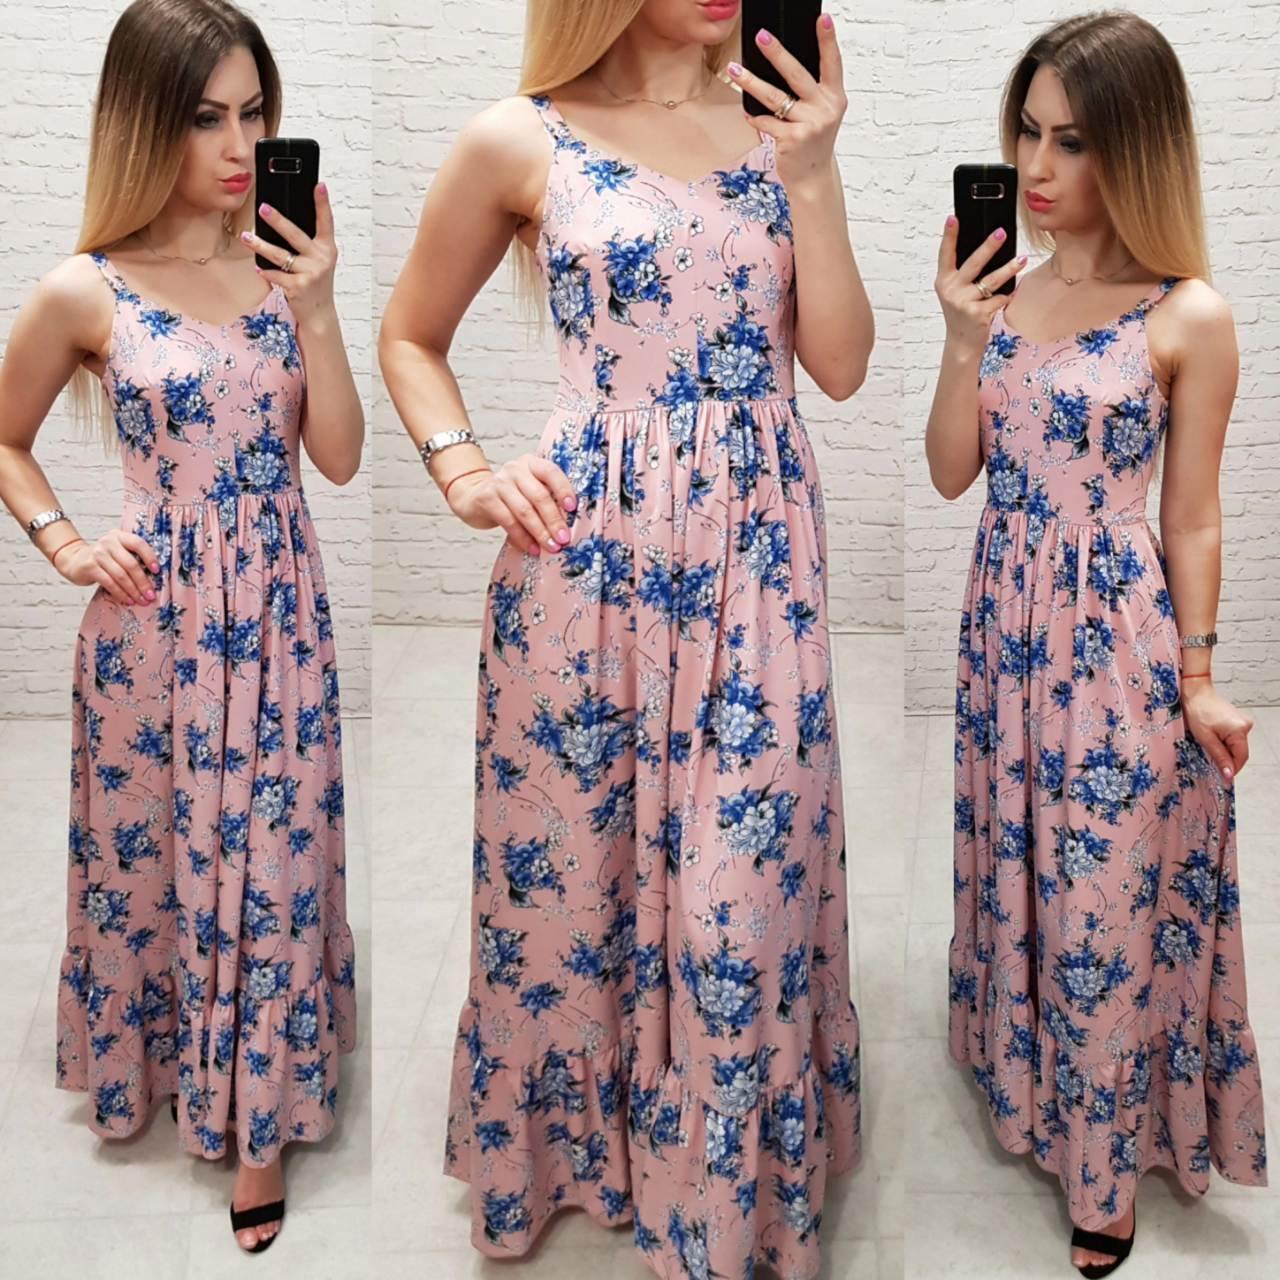 Платье арт 162 розовое в голубой букетик